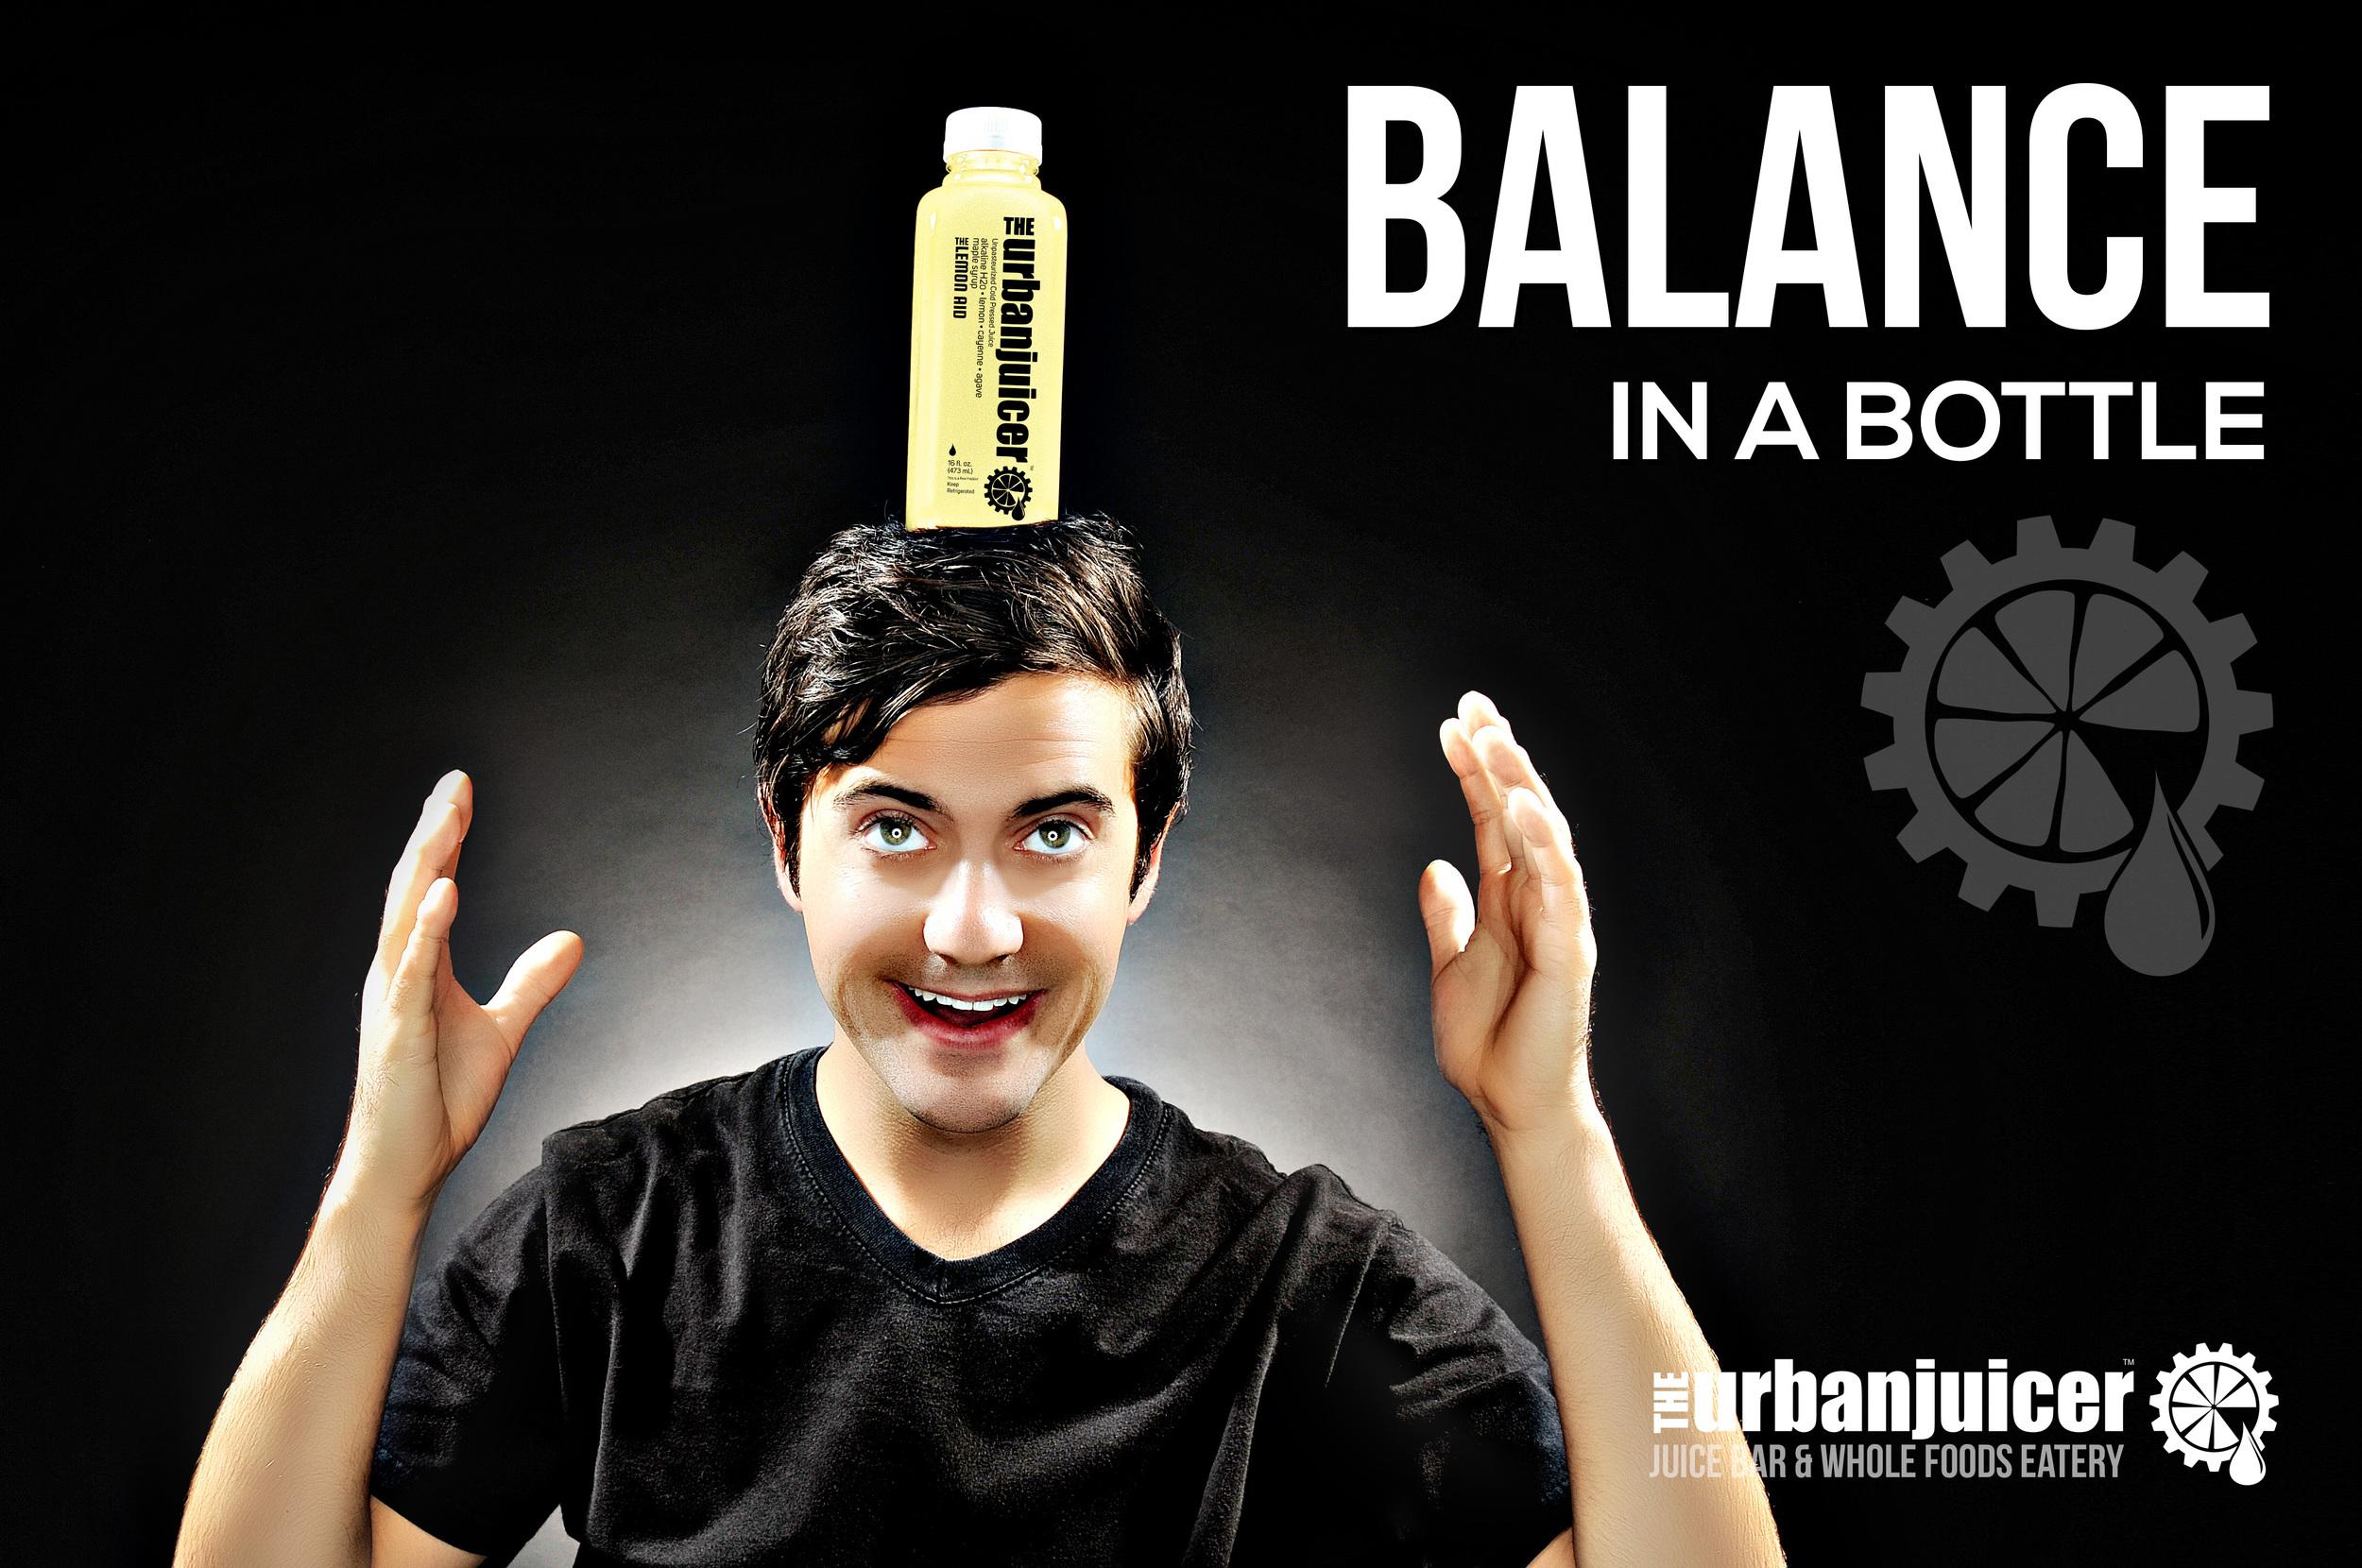 Michael-Lemon-Aid-Black-BG-Balance.jpg